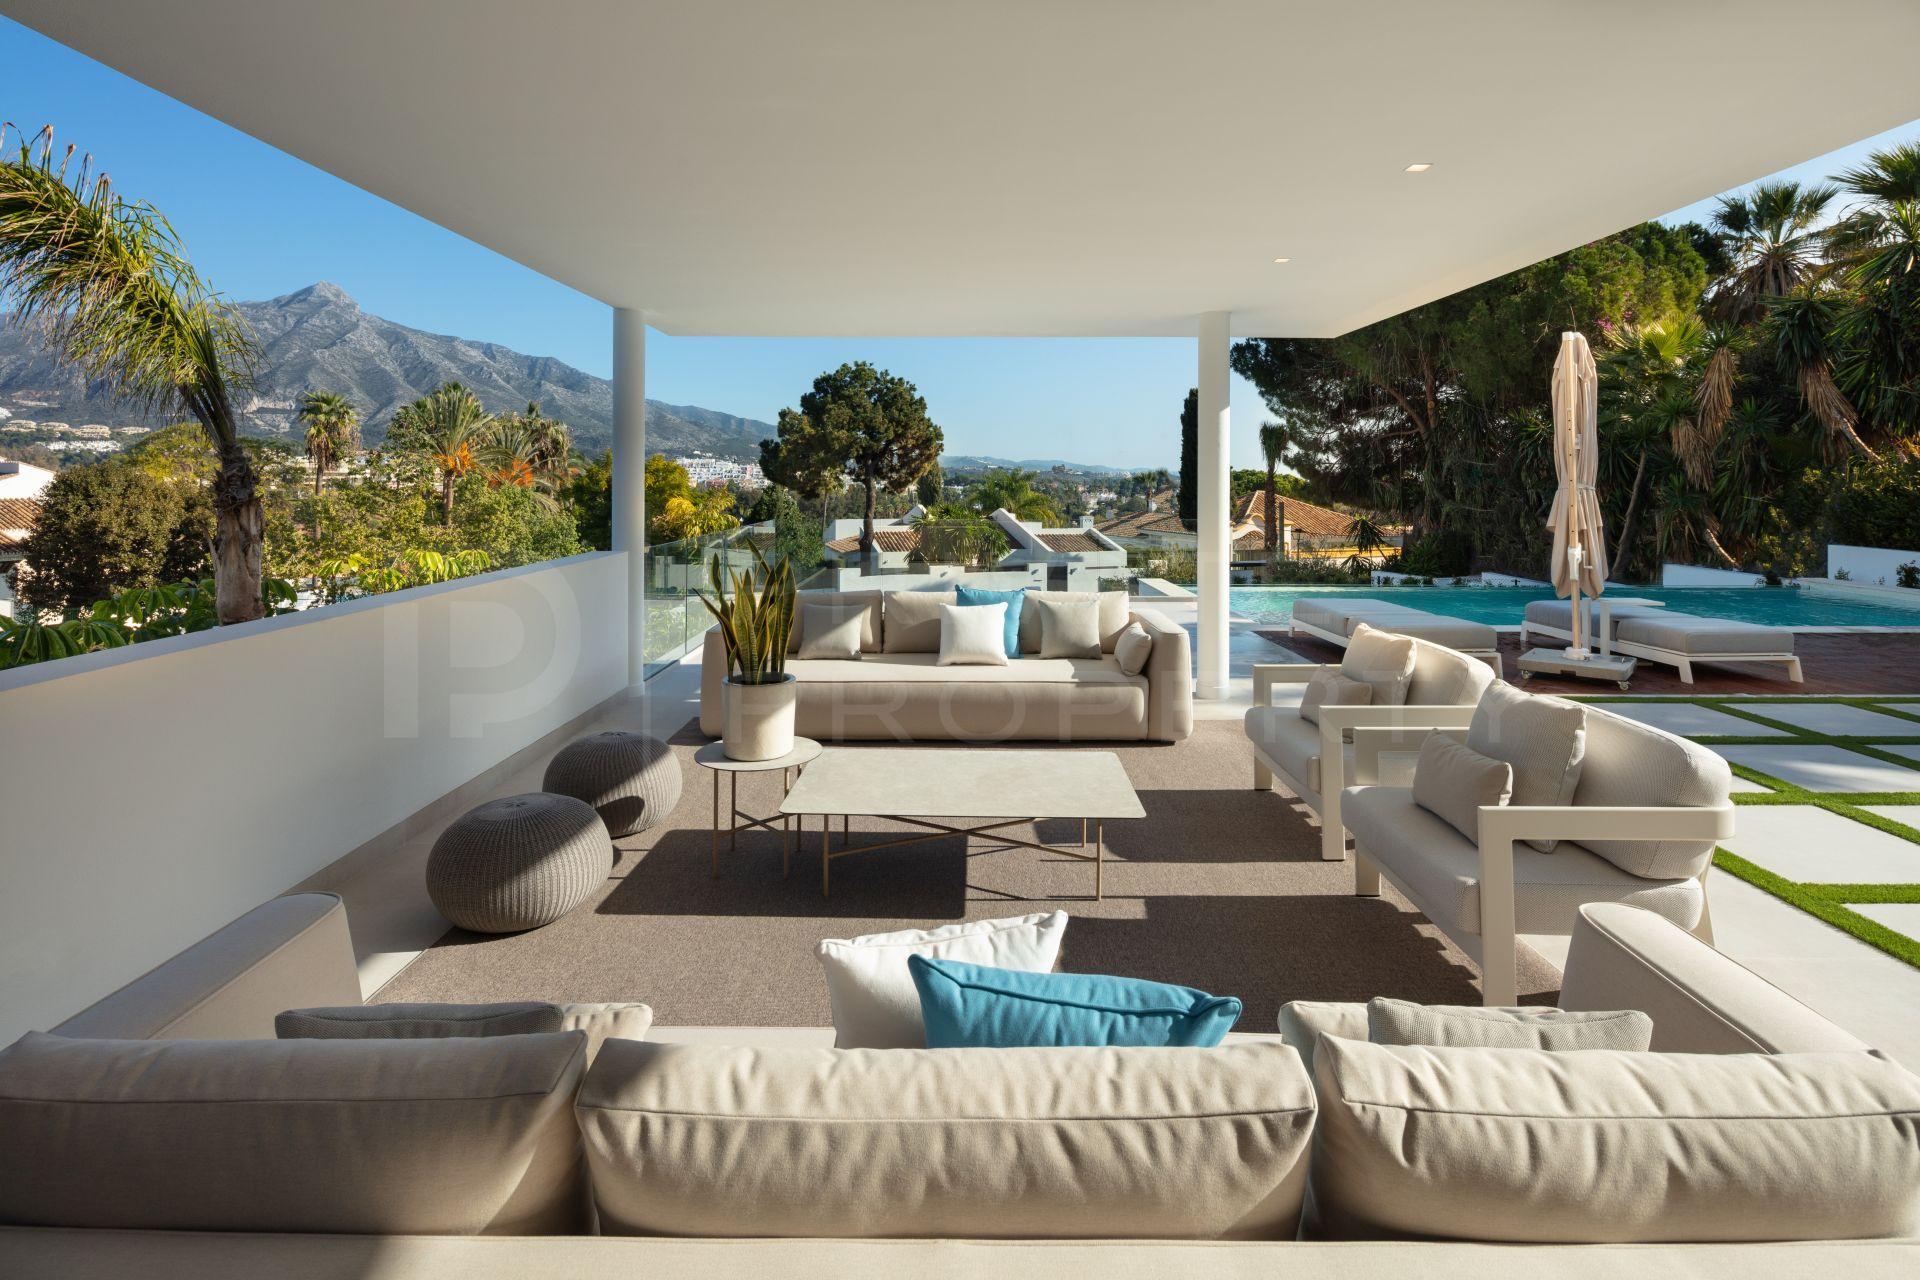 Contemporary villa in Las Brisas